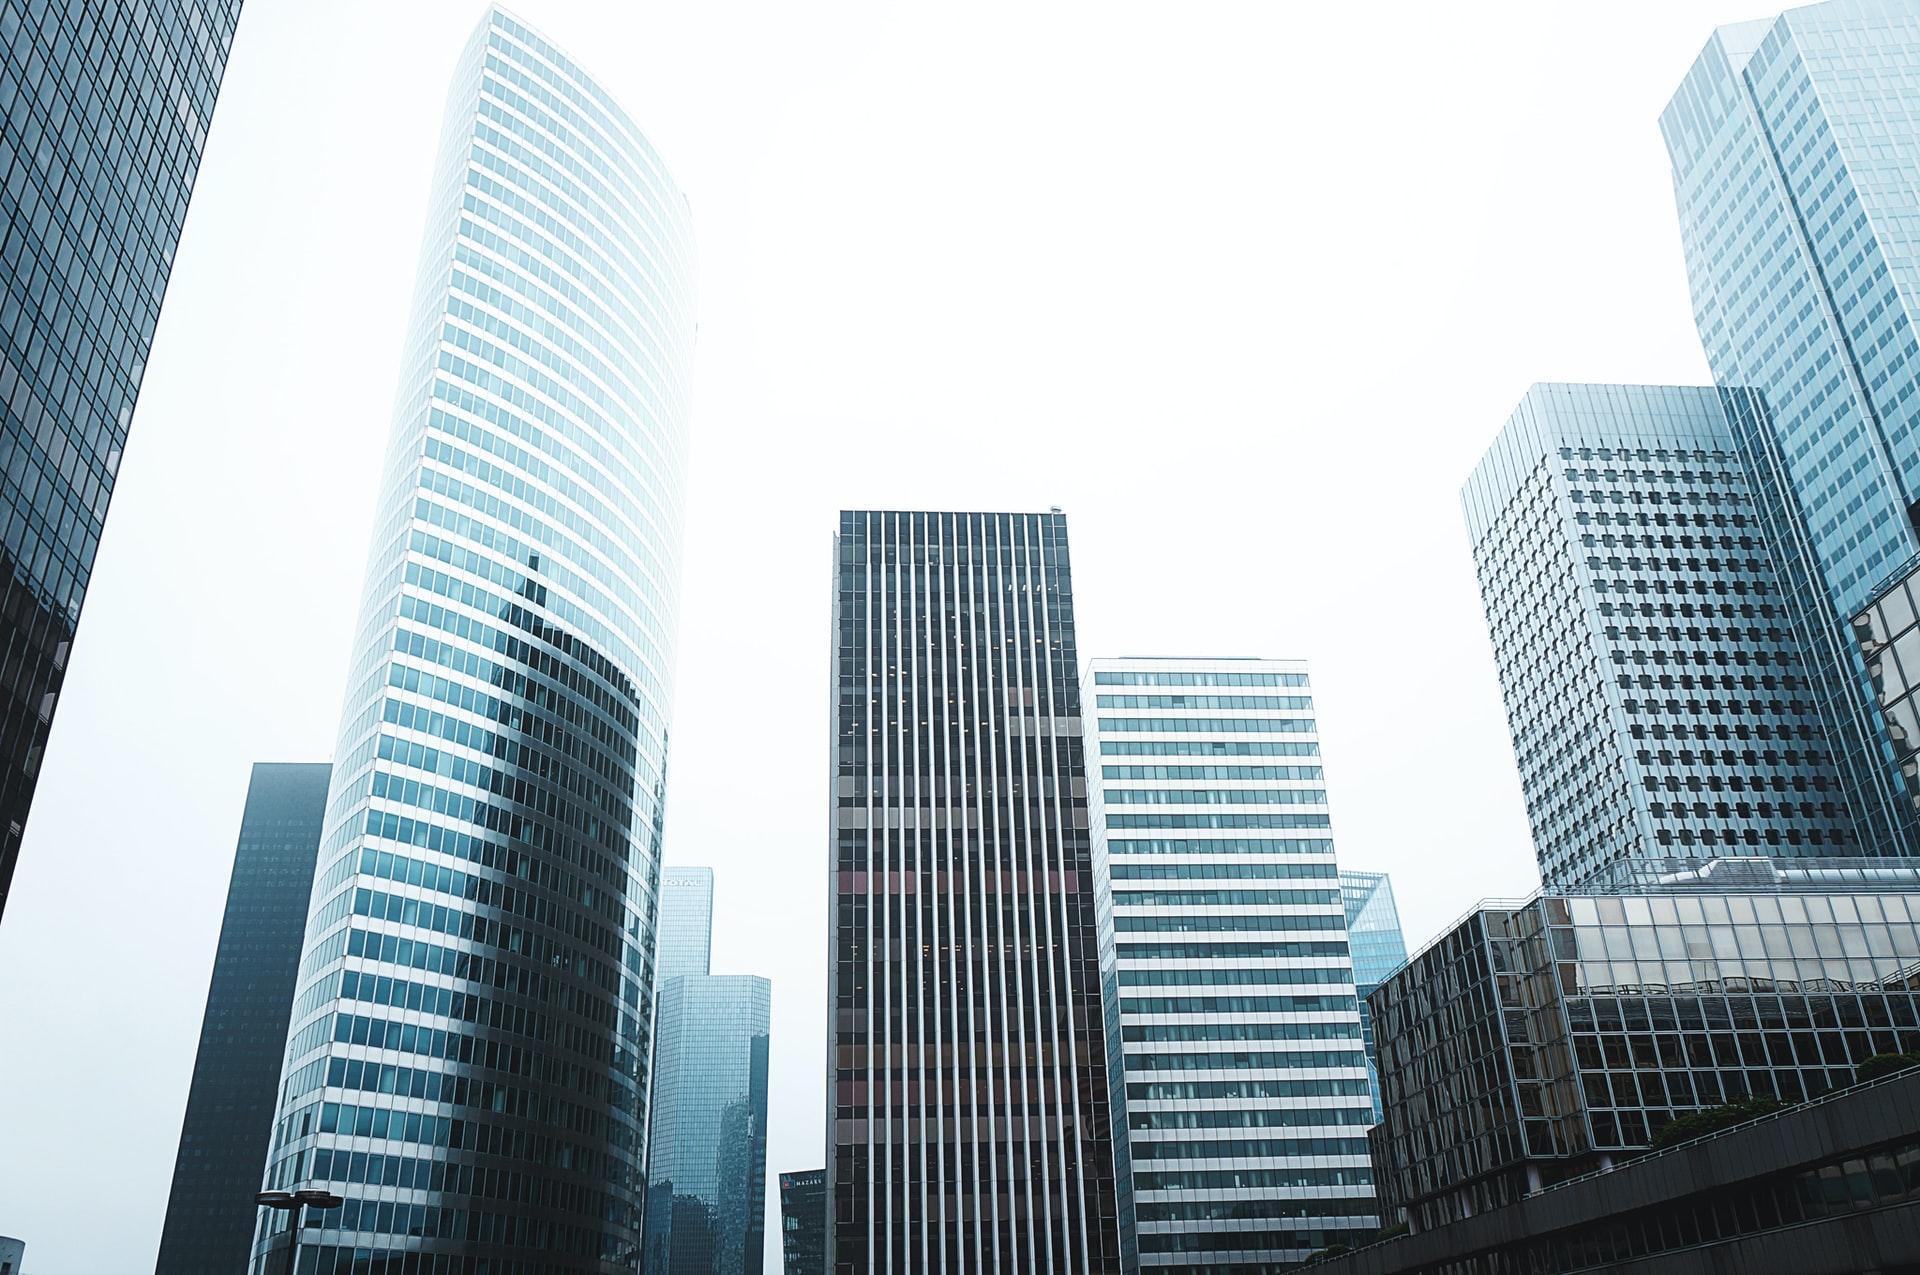 Photographie couleur de buildings